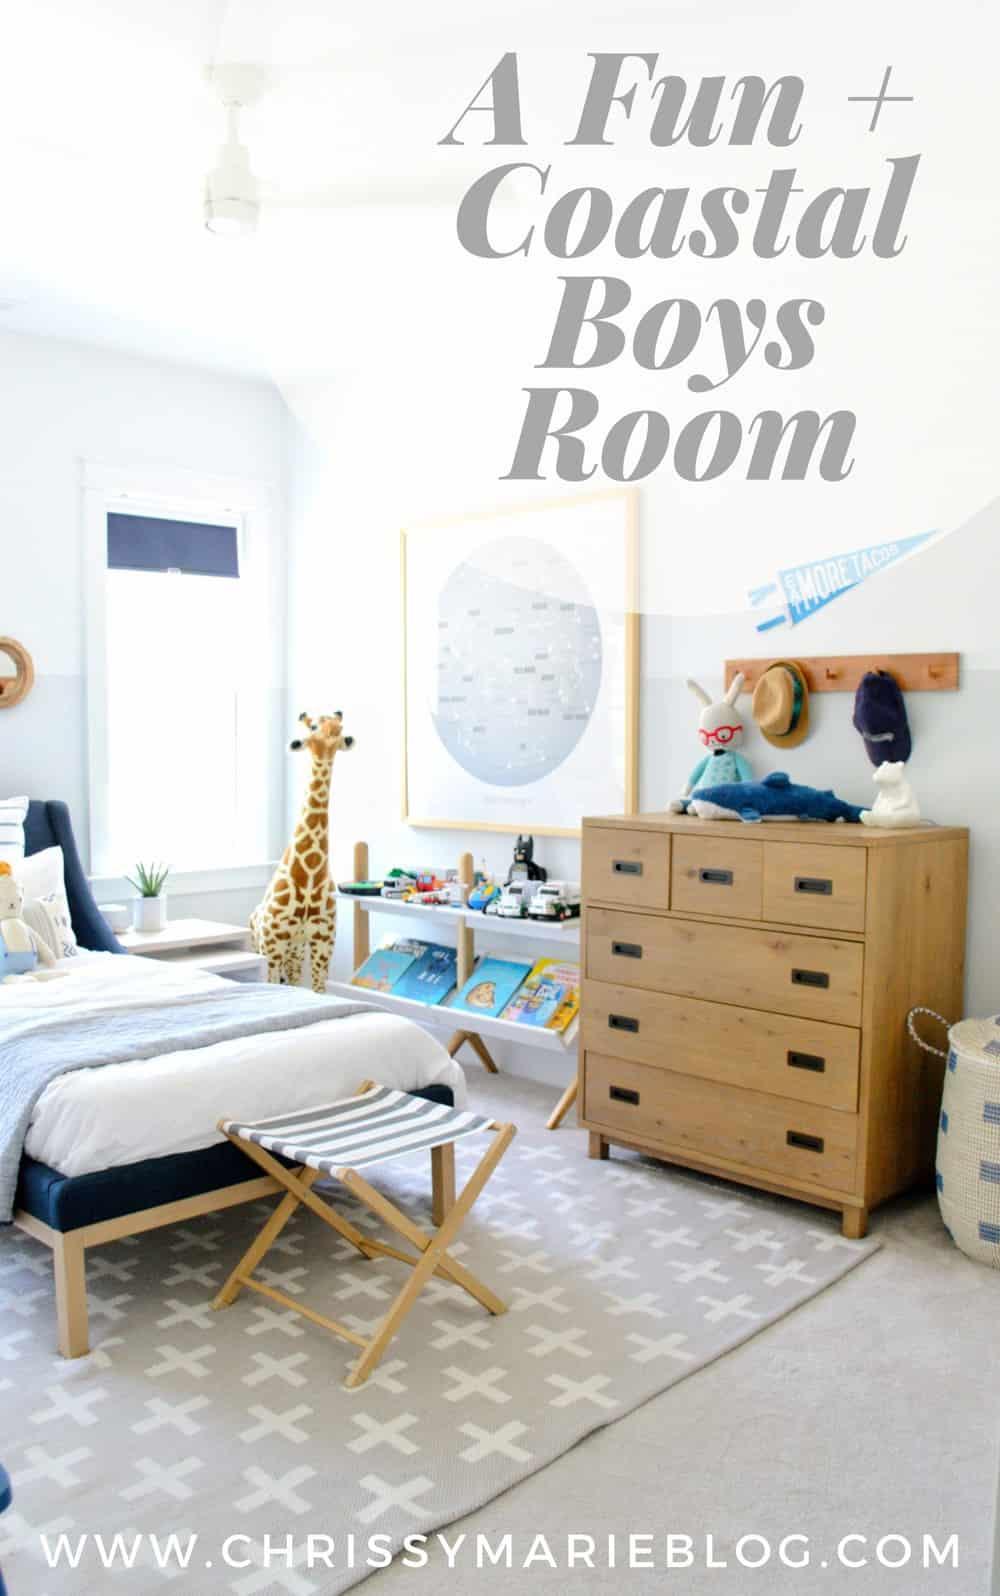 Pinterest image for a  kids coastal bedroom